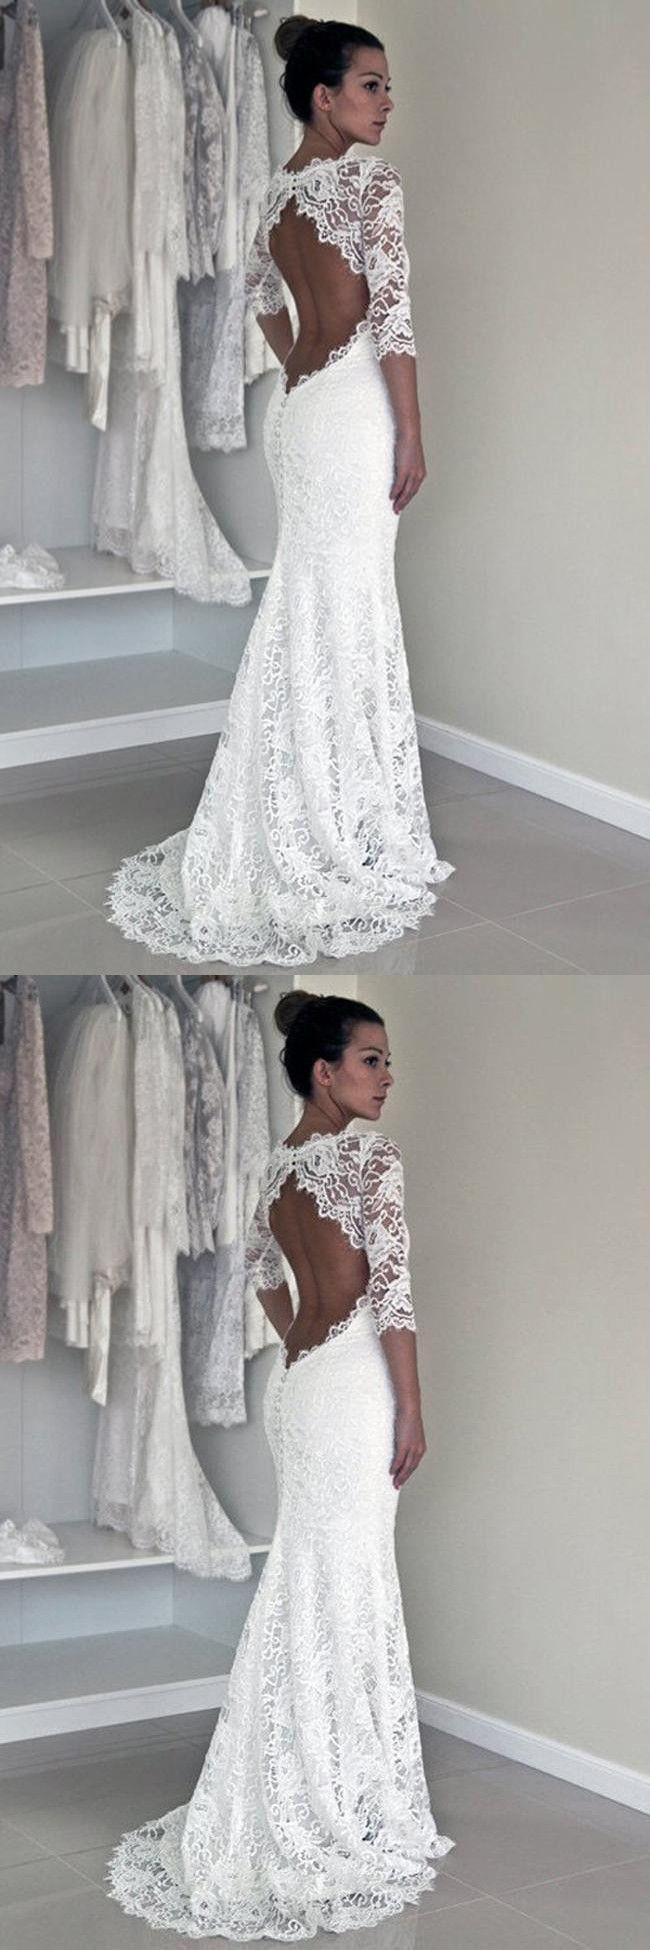 Long wedding dressescheap wedding gownslace wedding dressesopen